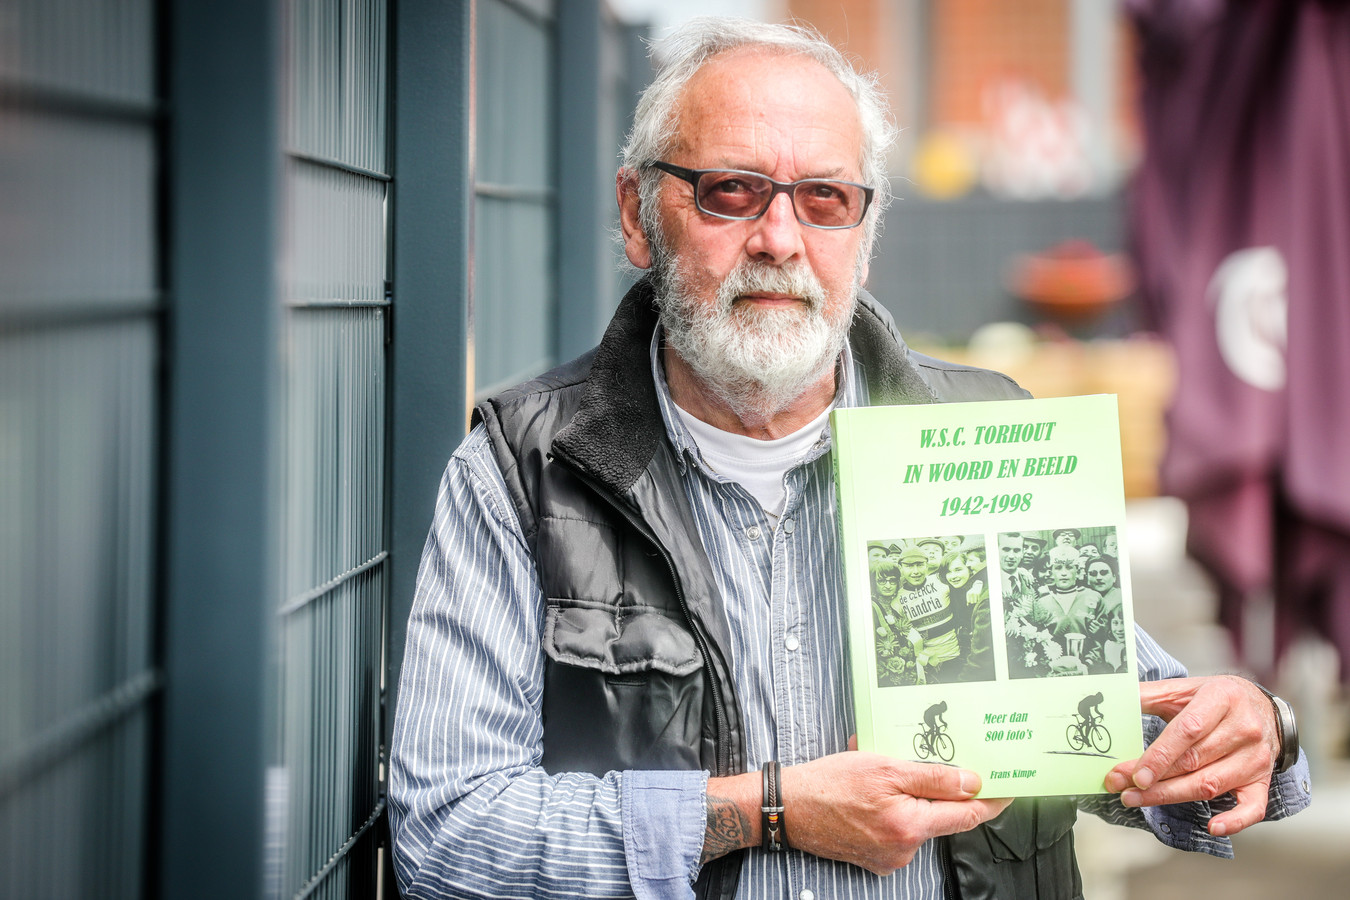 Frans Kimpe schreef een boek over WSC Torhout, geïllustreerd met meer dan 800 foto's uit de oude doos.